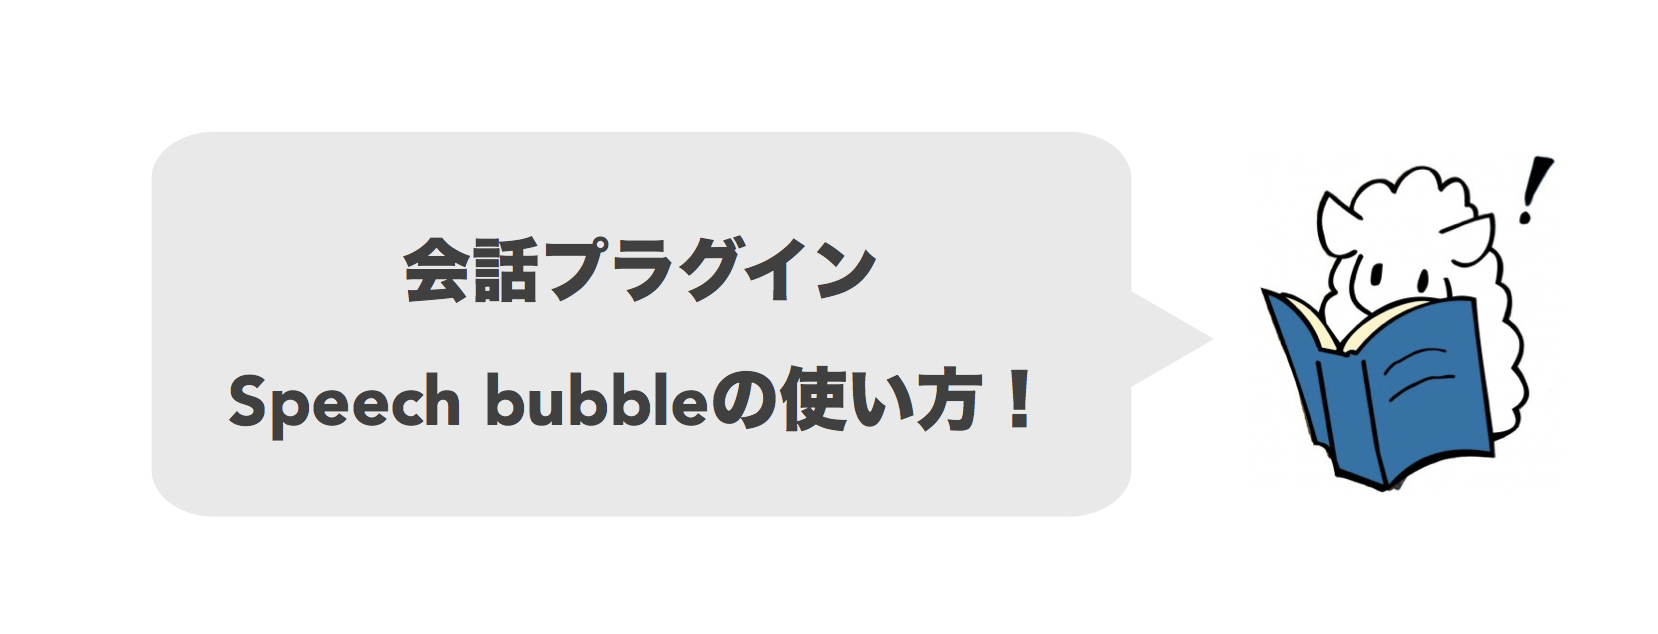 会話プラグイン speech bubble